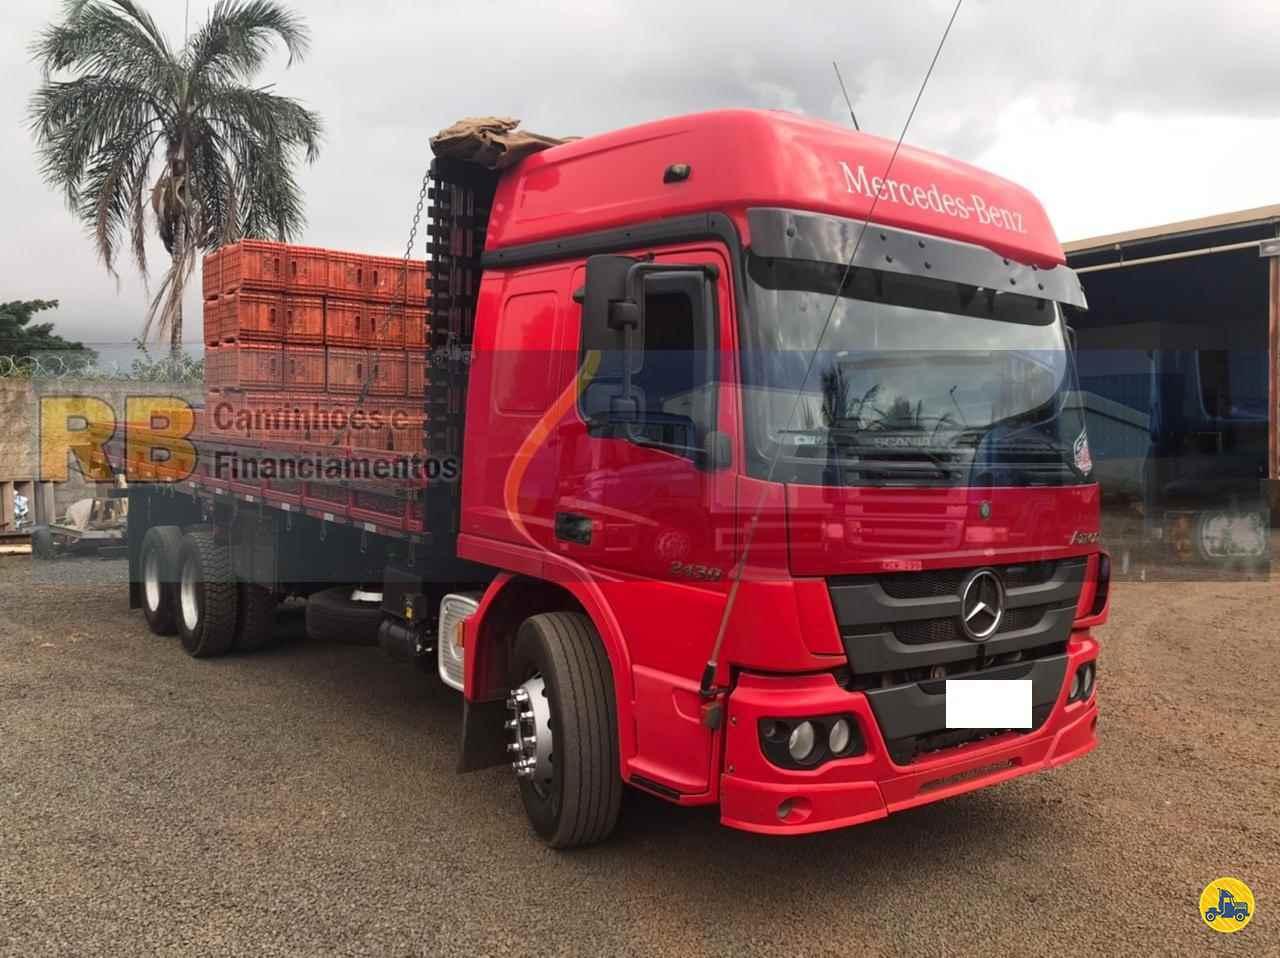 CAMINHAO MERCEDES-BENZ MB 2430 Carga Seca Truck 6x2 RB Caminhões & Financiamentos ARAGUARI MINAS GERAIS MG